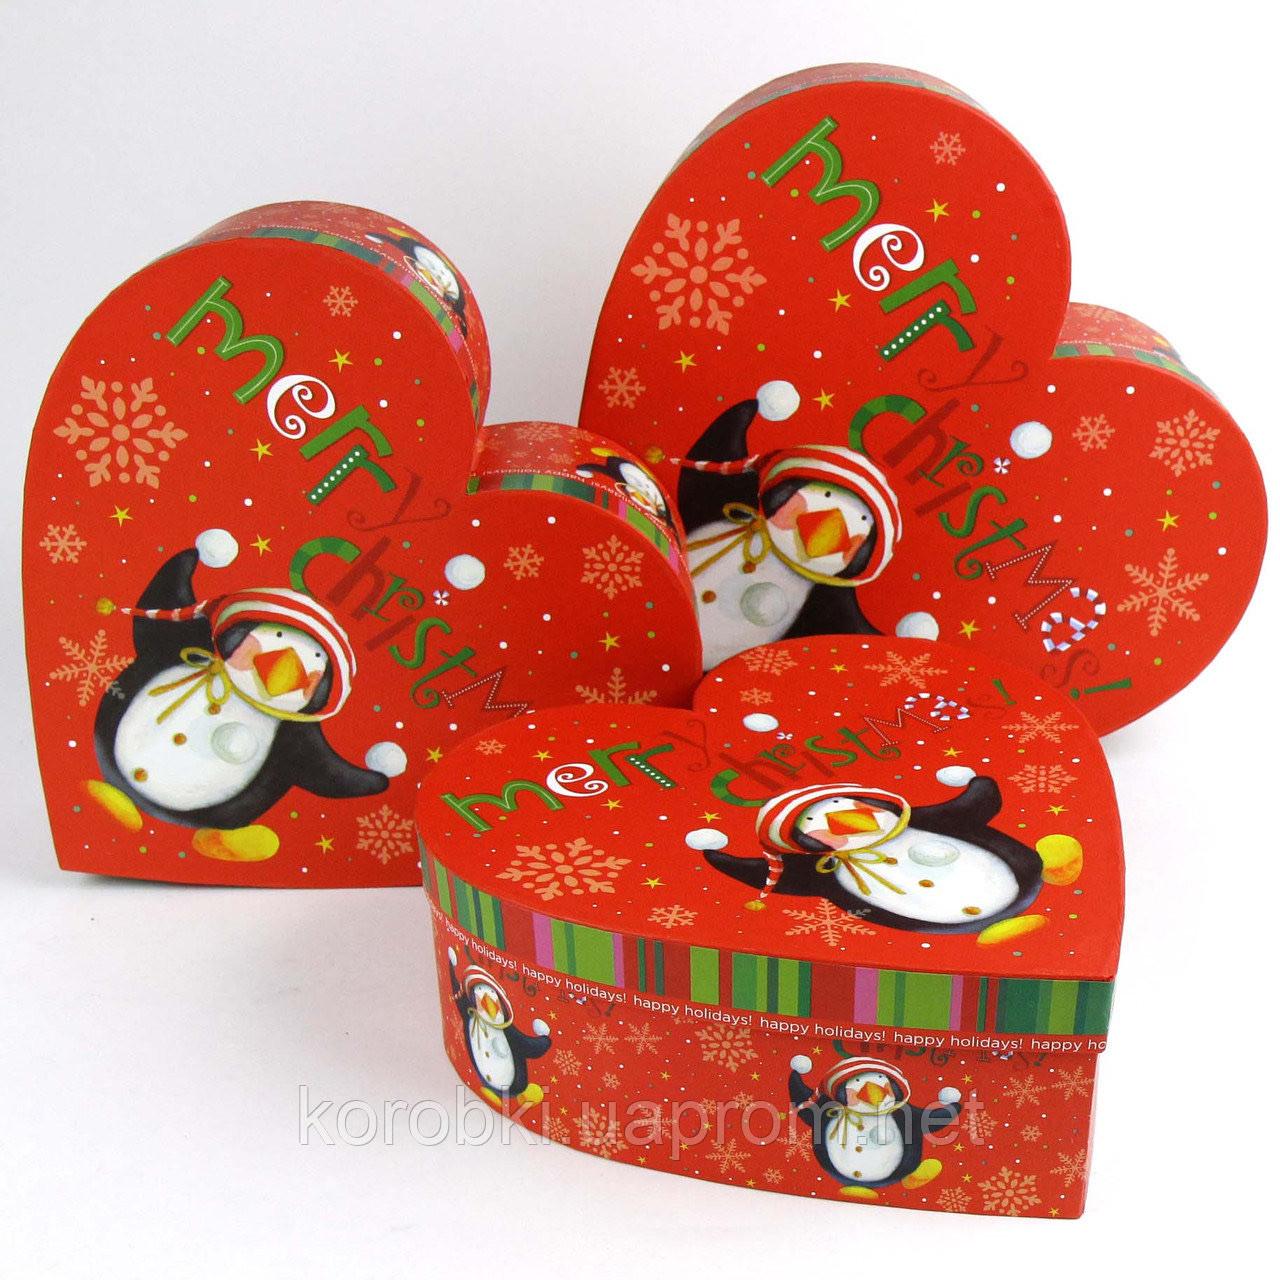 """Коробка подарункова серце """"Новорічна"""" №1 229, мікс, Коробка новогодняя подарочная"""